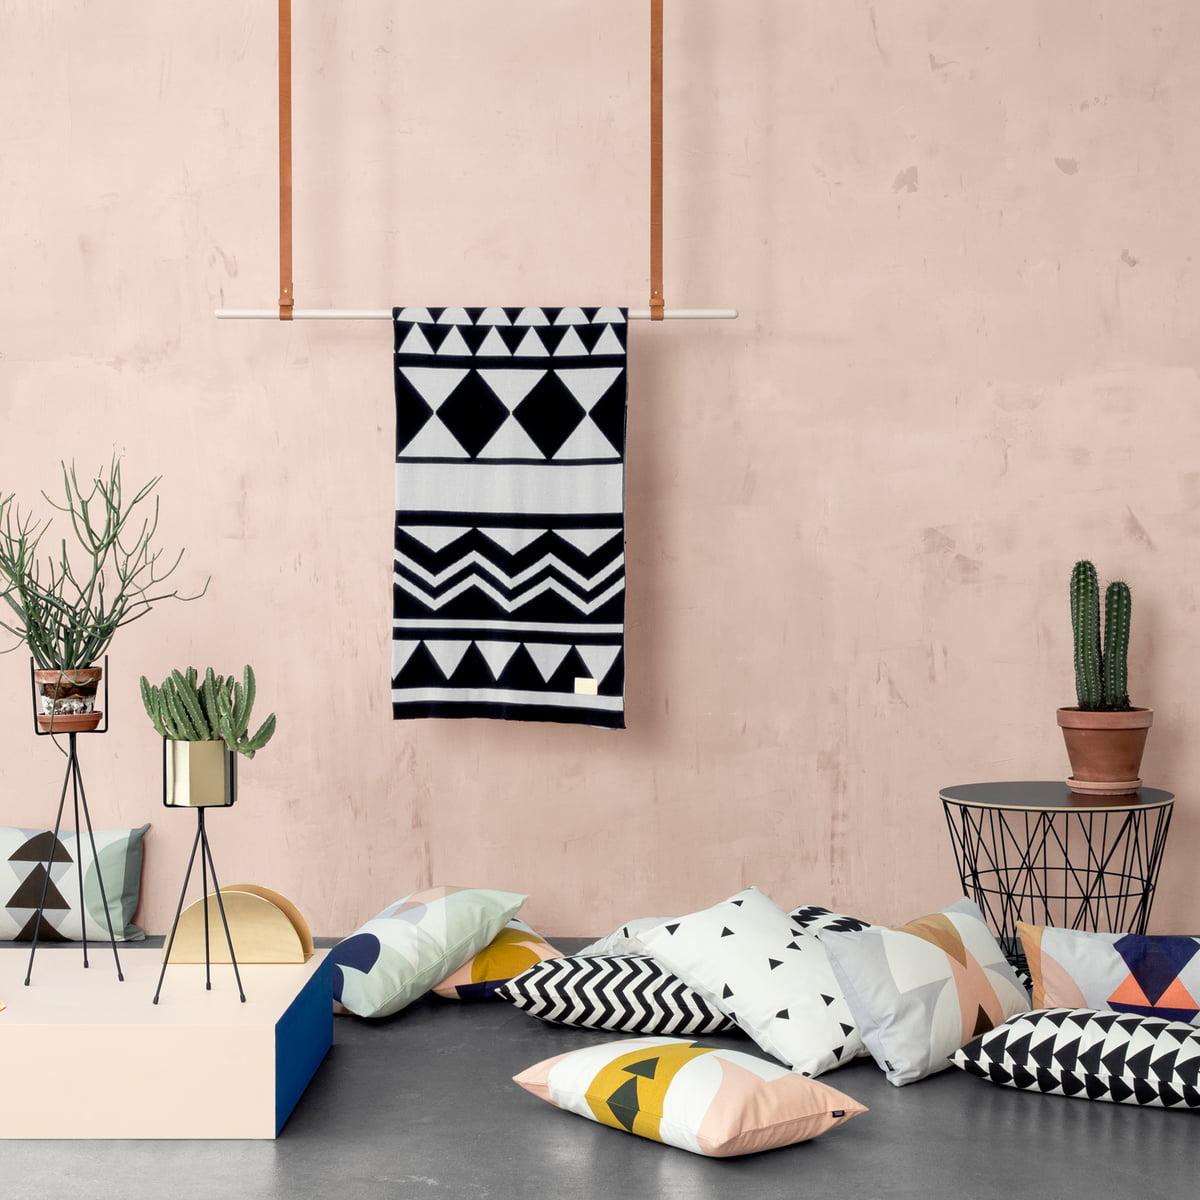 abgestimmte produkte von ferm living - Fantastisch Tolles Dekoration Ferm Living Korb